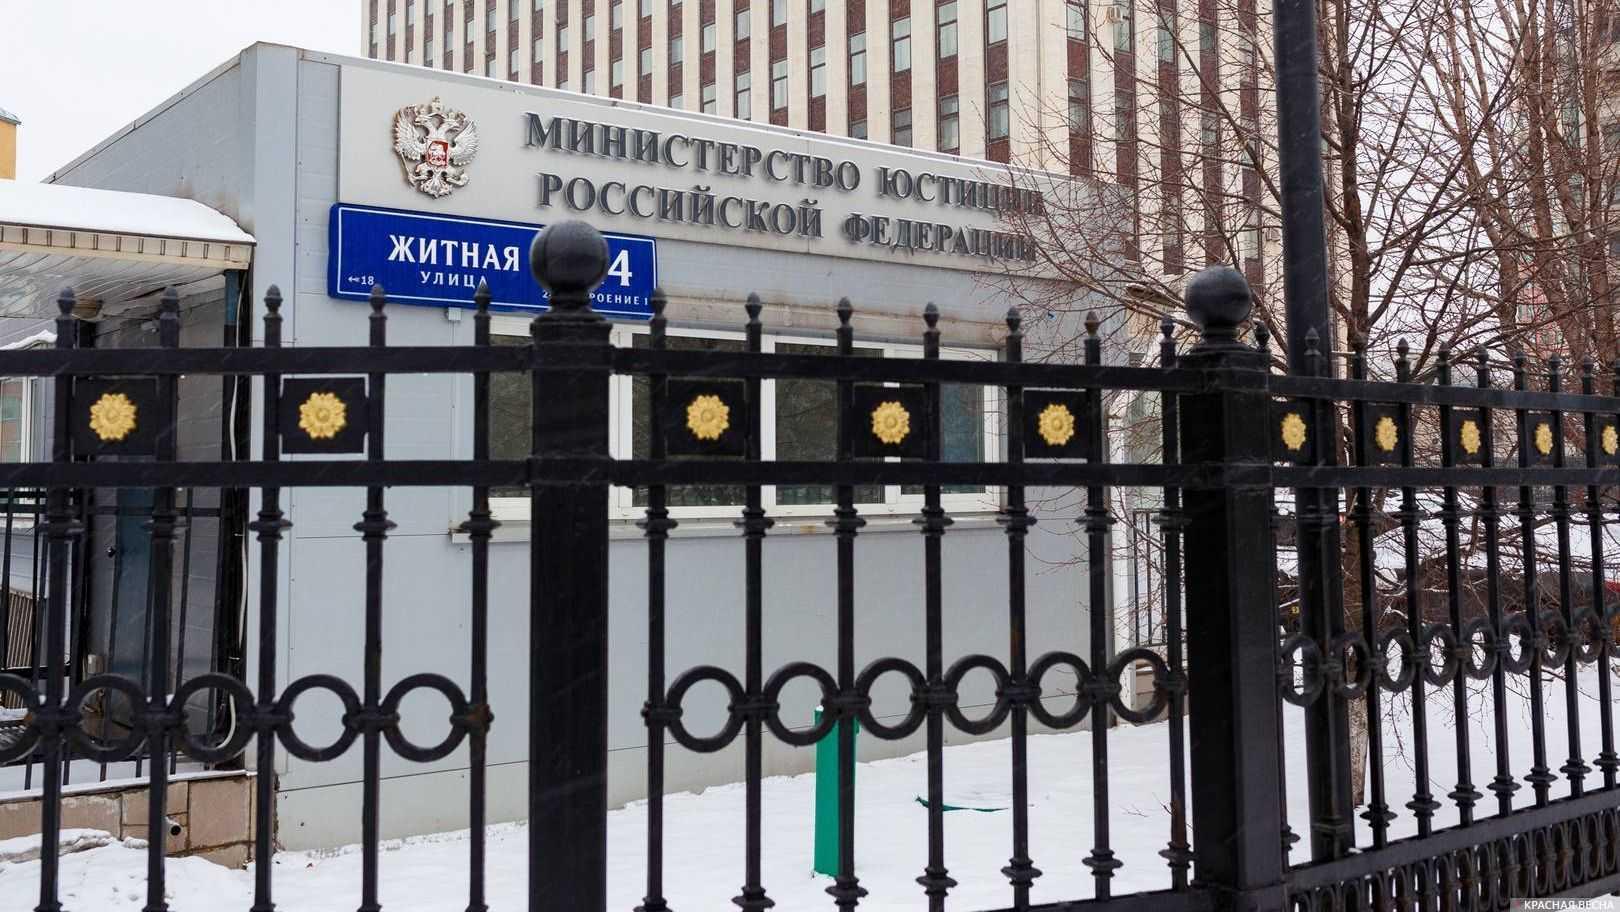 Москва. Министерство юстиции